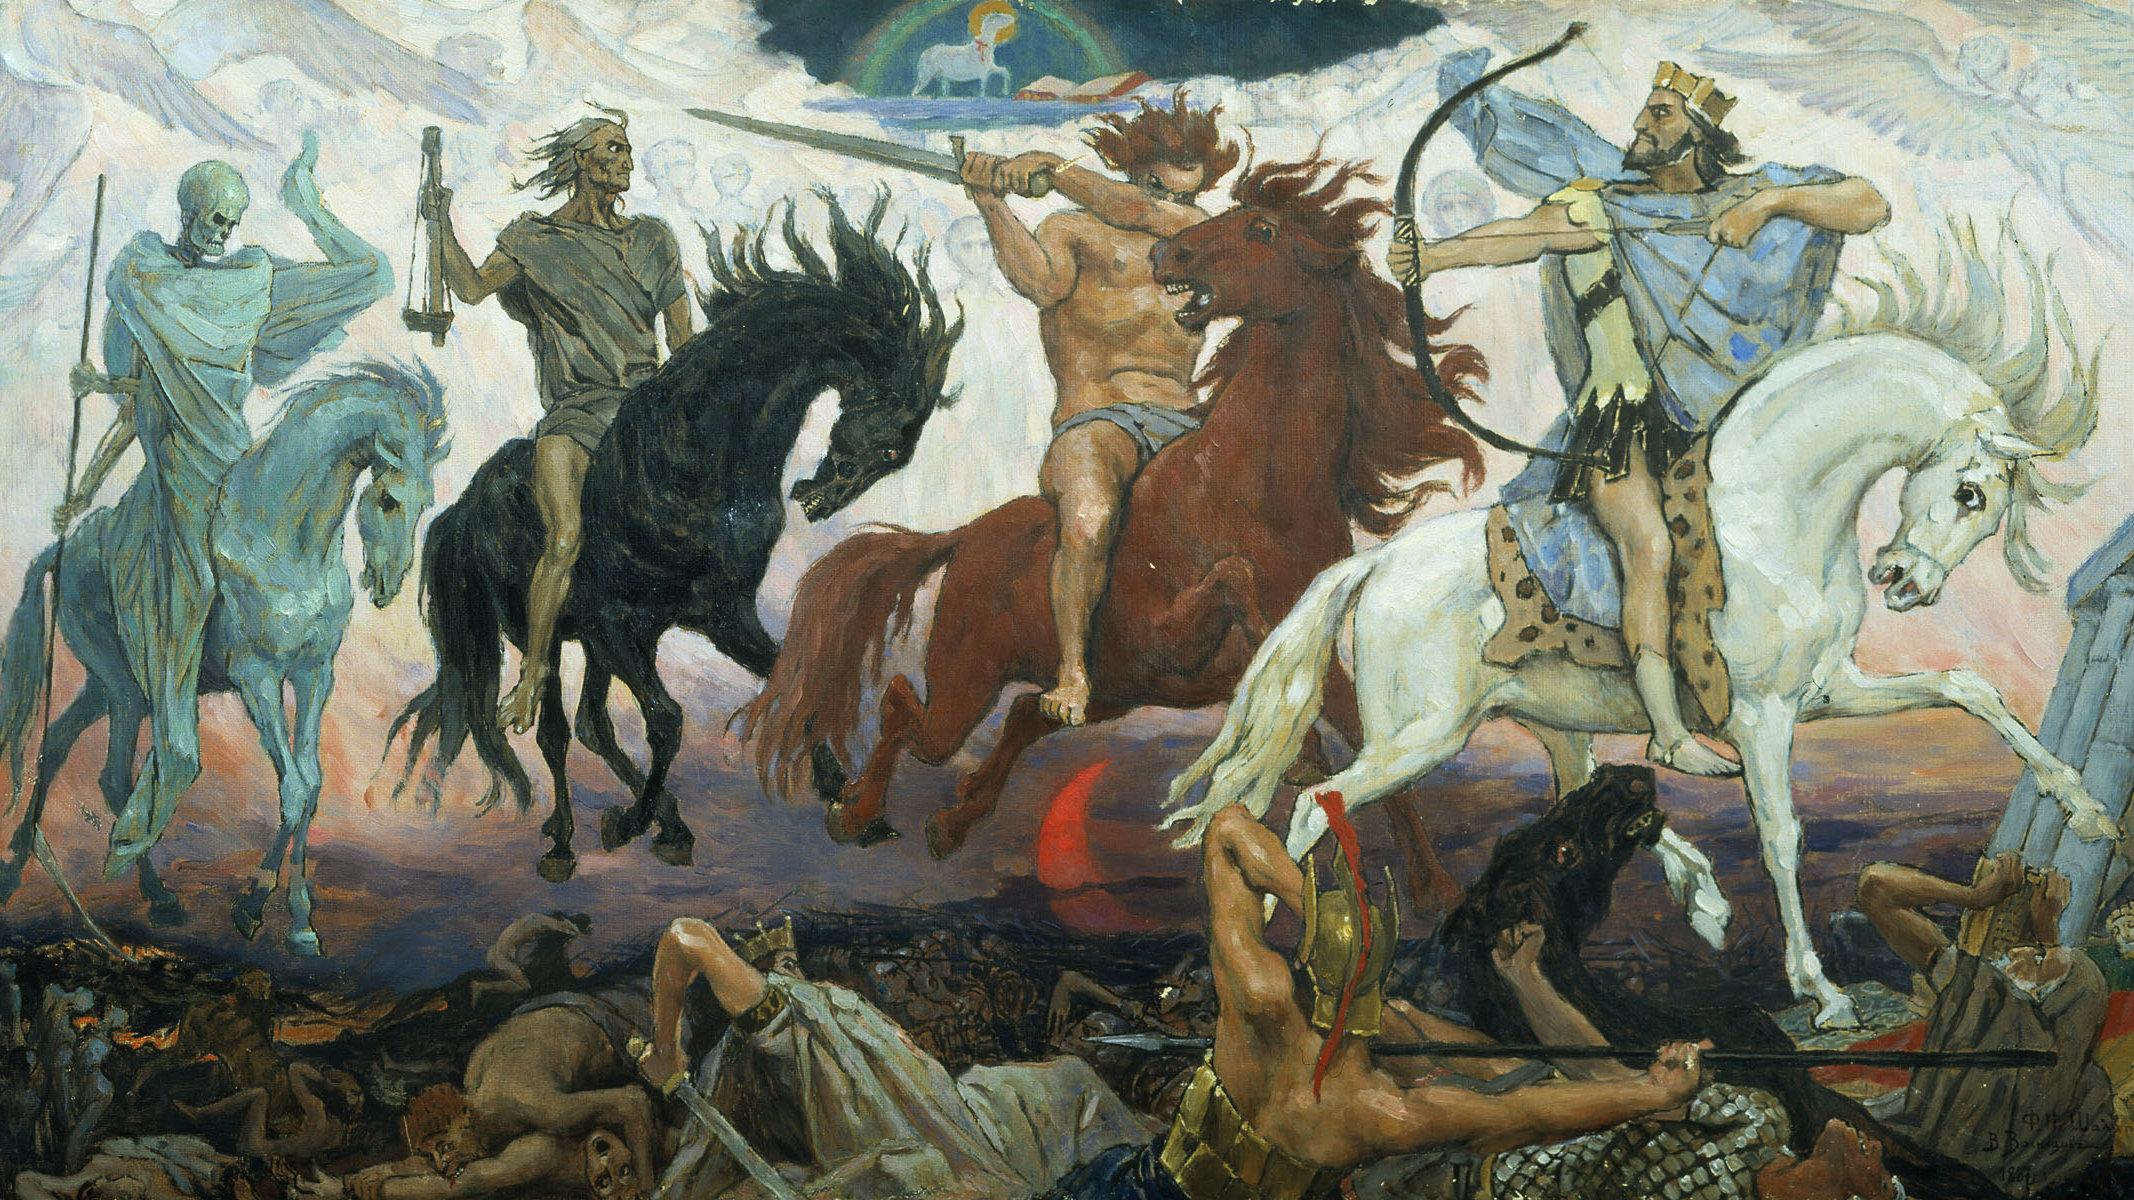 Four Horsemen of Apocalypse, by Viktor Vasnetsov, painted in 1887.